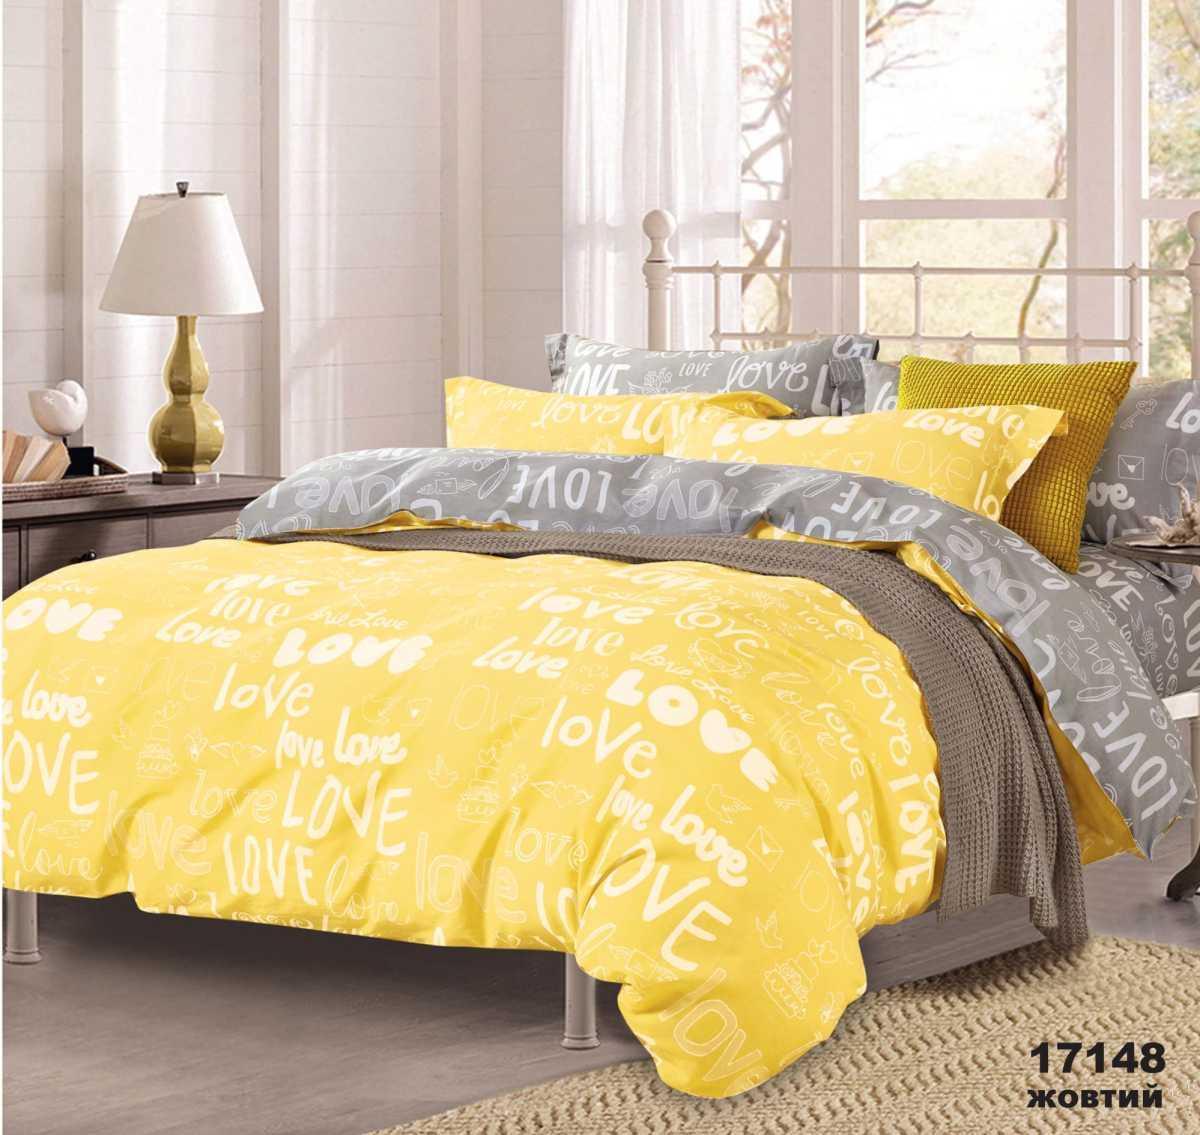 Постельное белье Вилюта ранфорс 17148 желтый 200*220